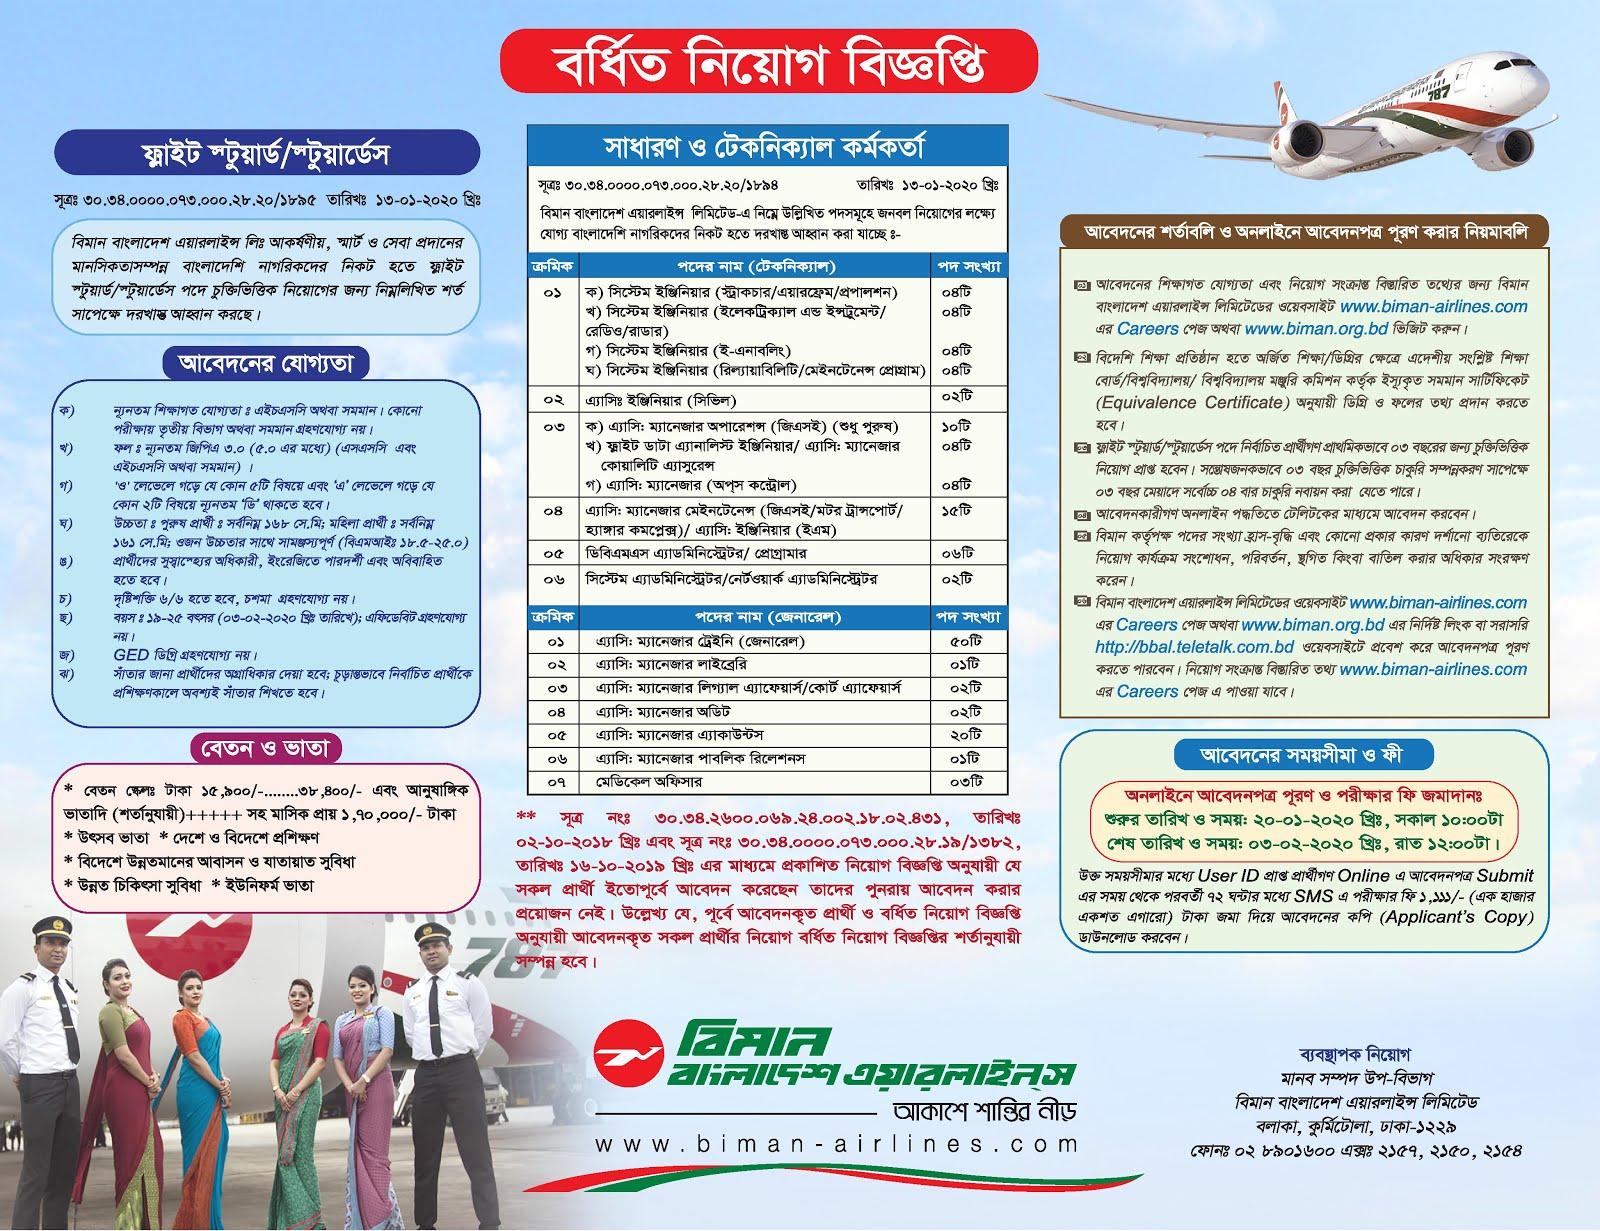 বিমান বাংলাদেশ এয়ার লাইন্সে চাকরির নিয়োগ বিজ্ঞপ্তি BBAL Job Circular 2020  Biman Bangladesh Airlines Limited Job Circular 2020